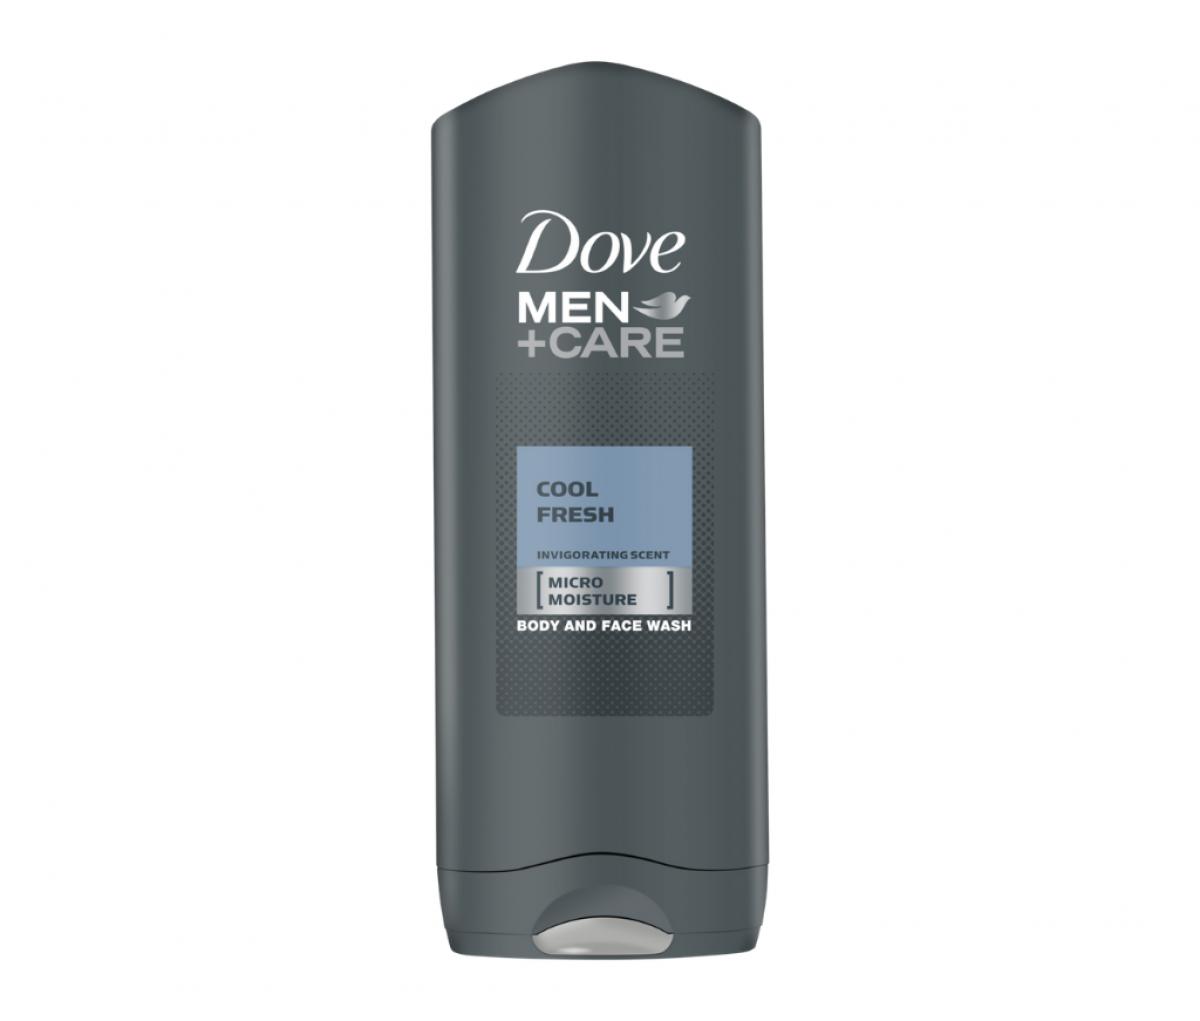 Dove 400ml Cool Fresh Body & Face Wash